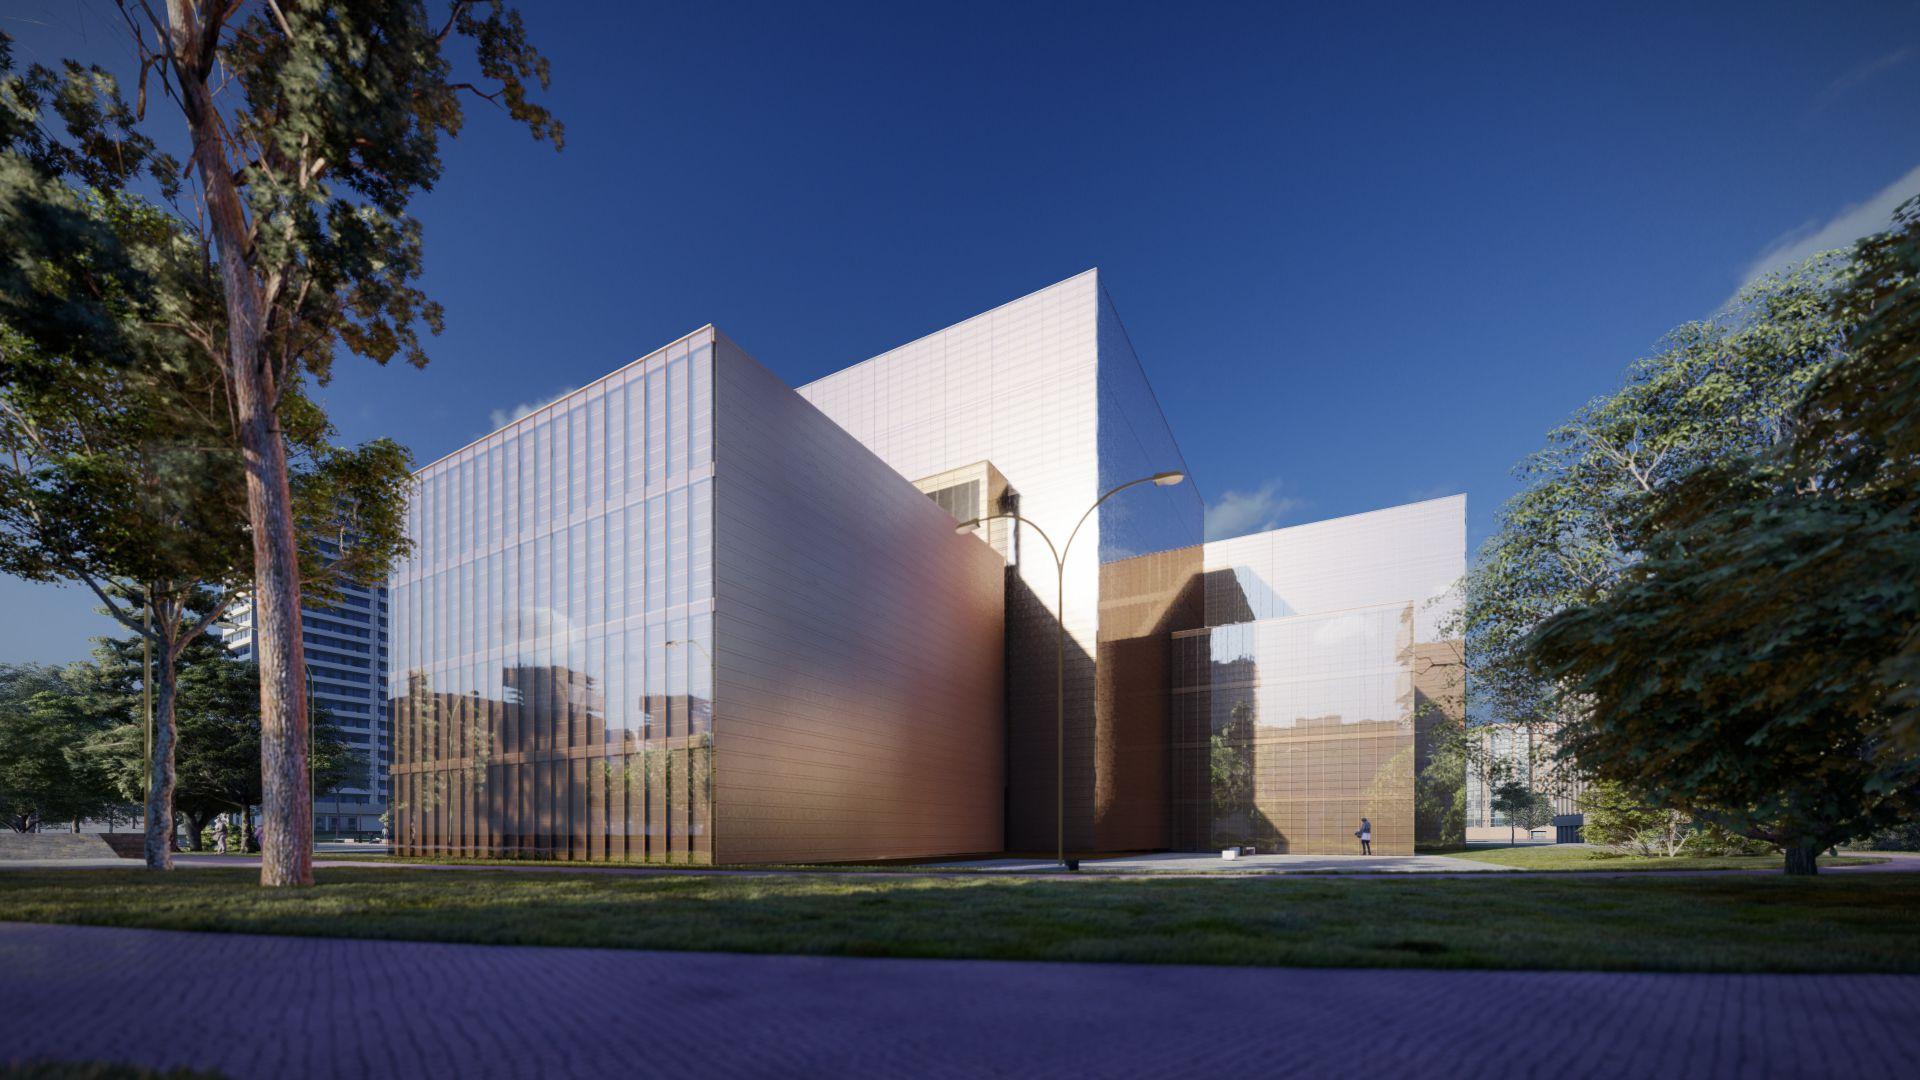 3d visualiseerimine hoone moderne keskplats 3 2 39 Photo